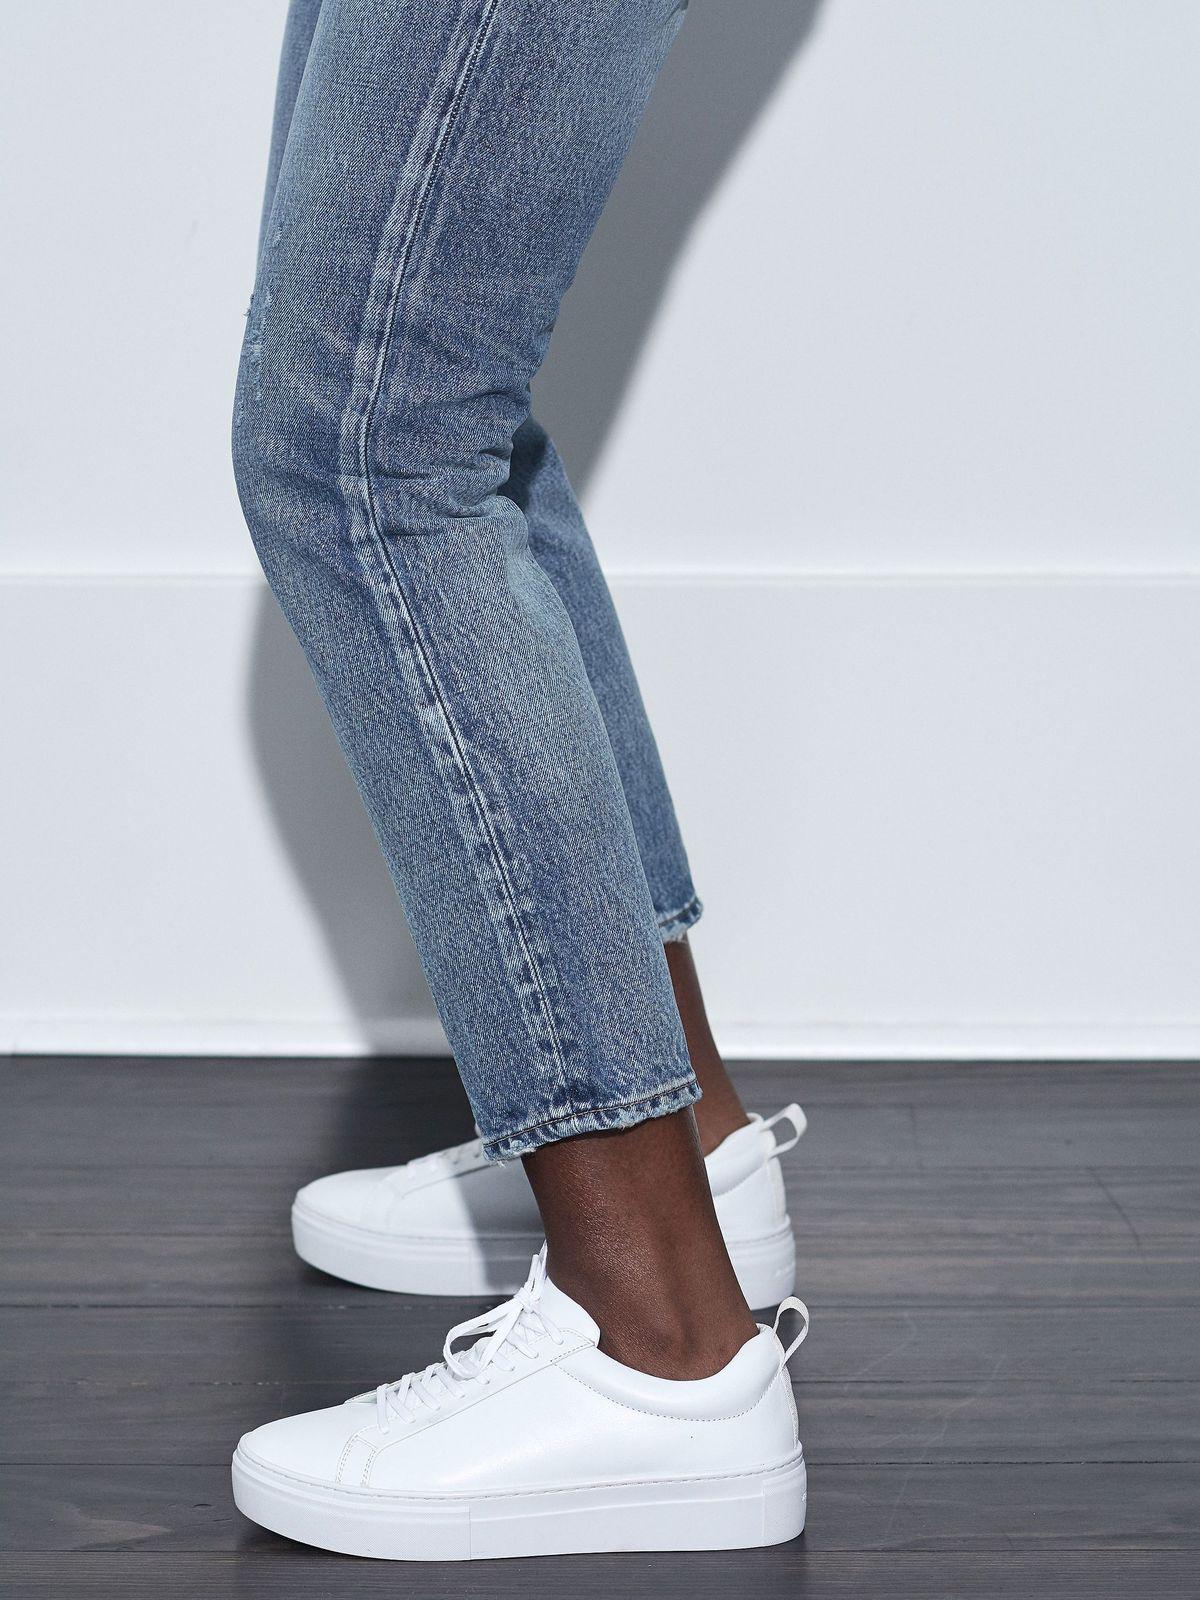 Vagabond Zoe Platform Sneaker - White